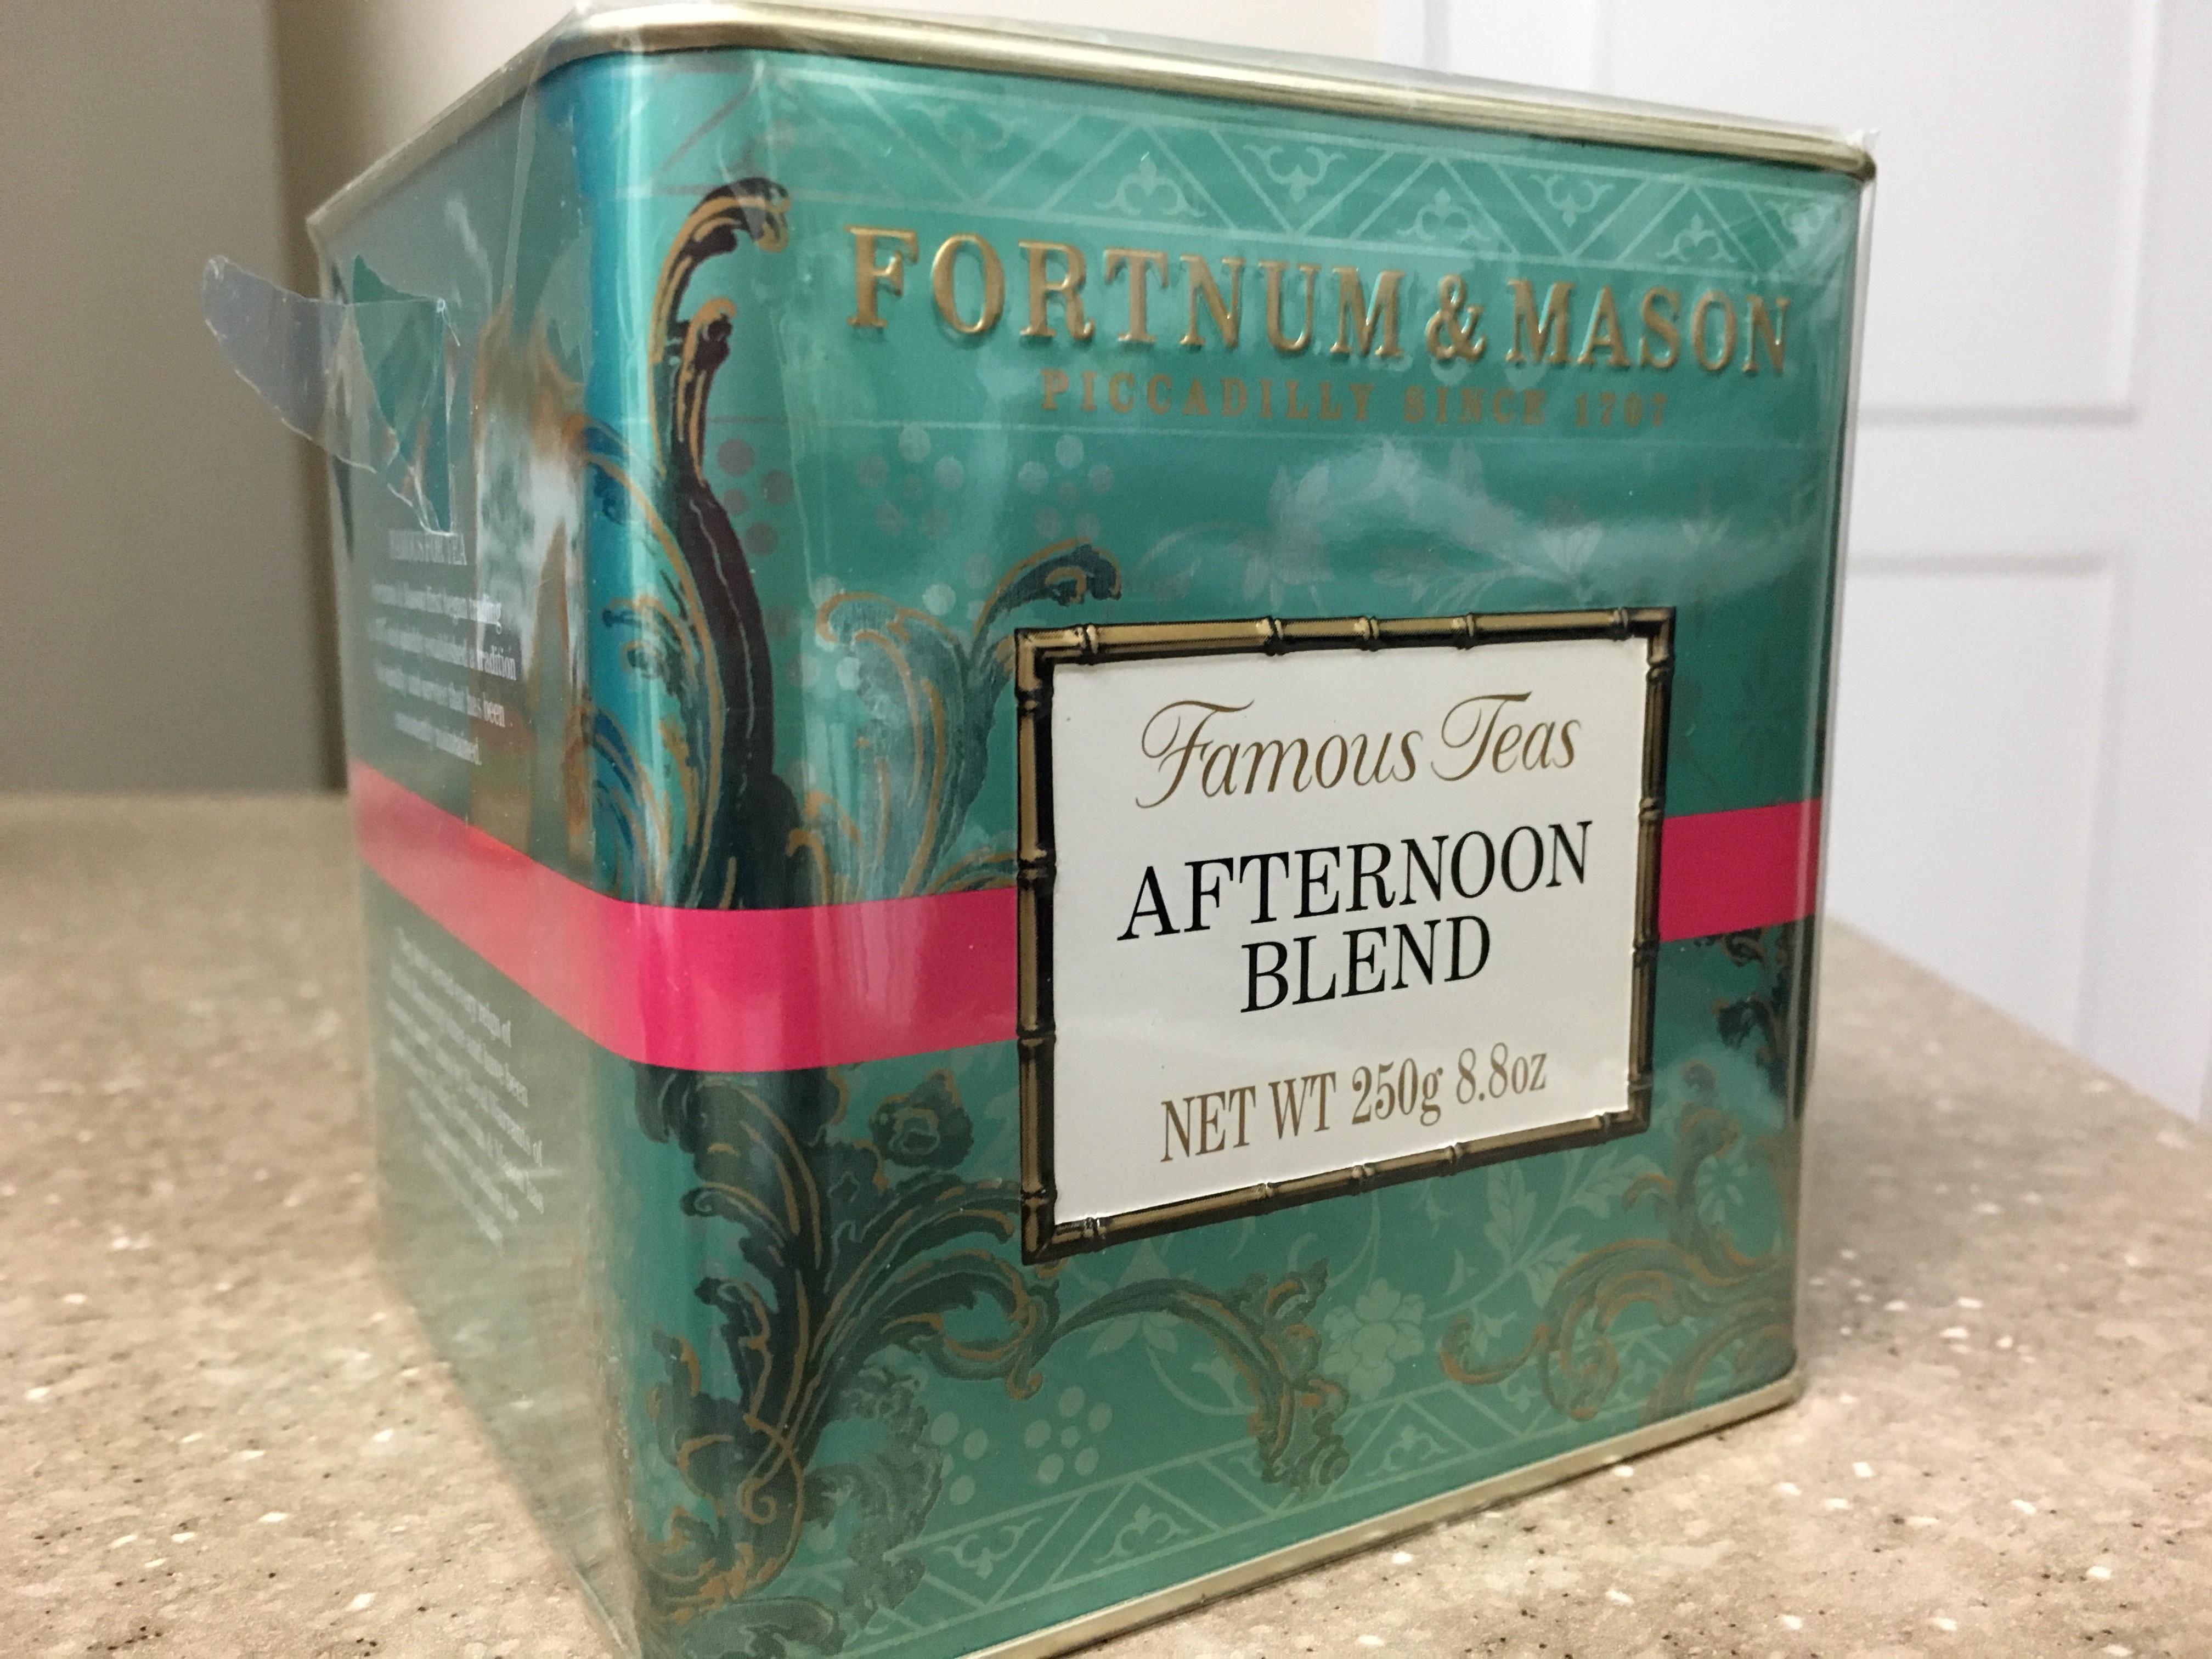 포트넘 앤 메이슨 afternoon tea